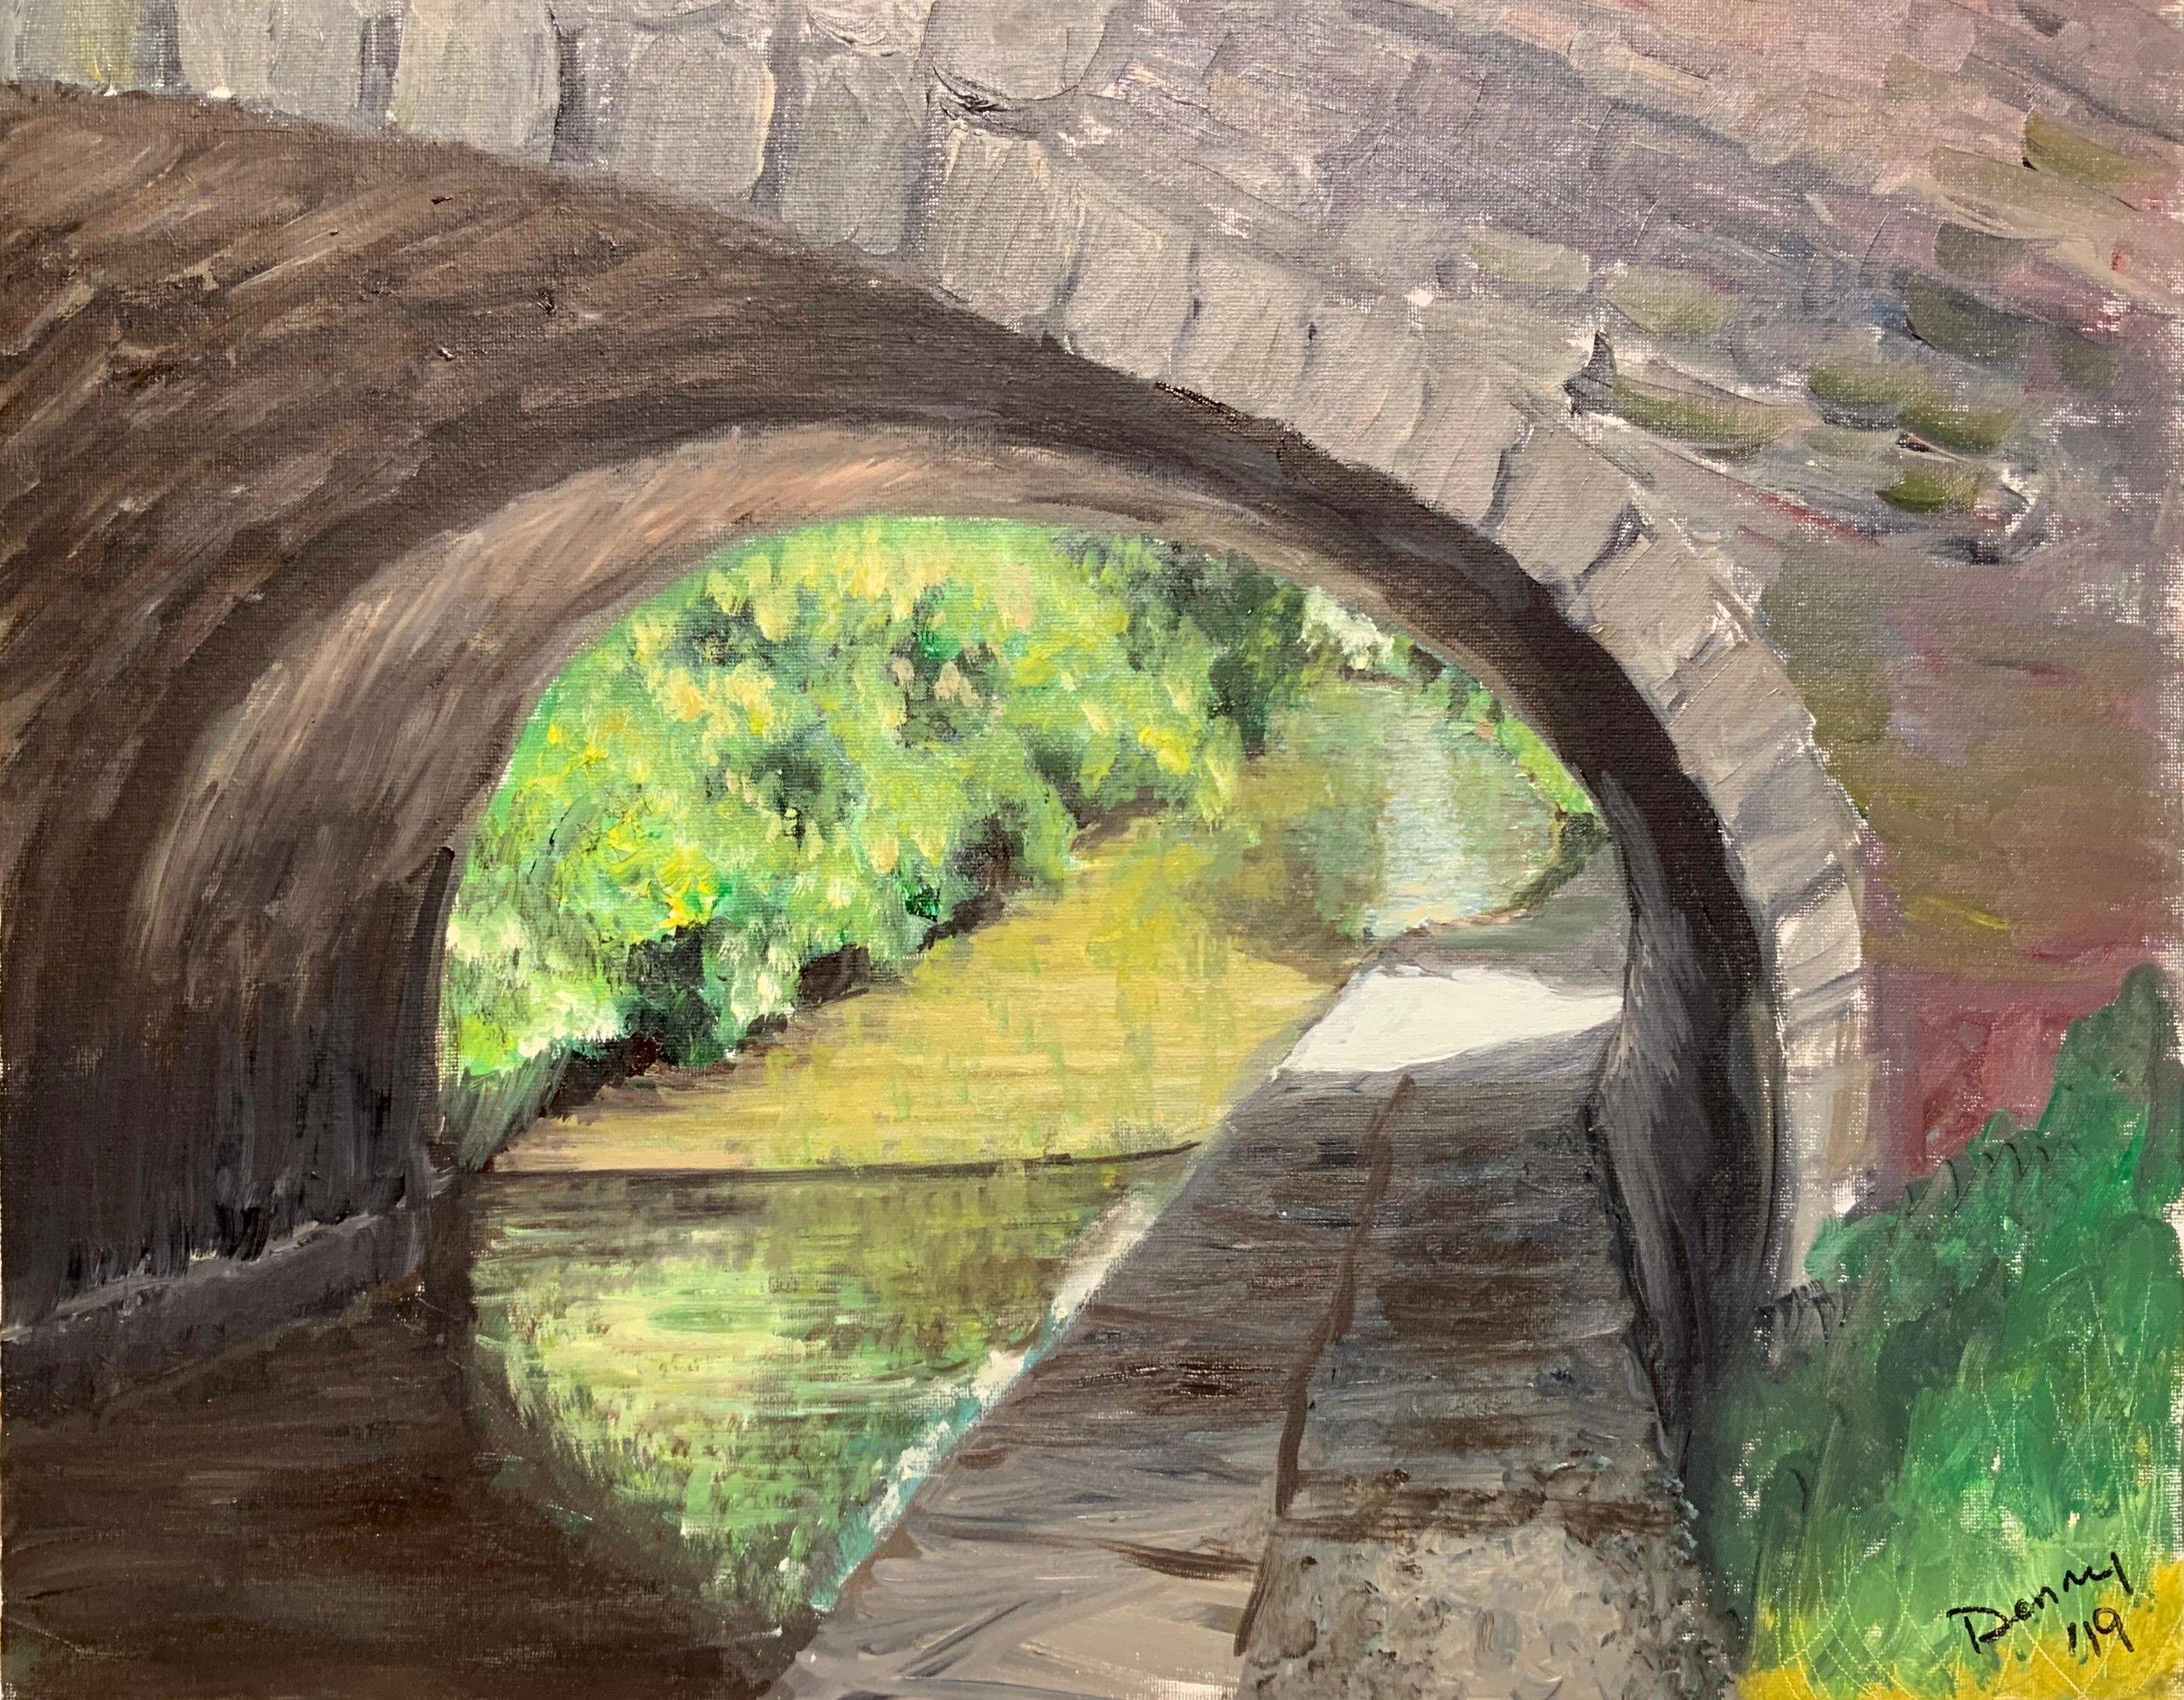 Print 8 - Bridge No. 26 - Size: 281 x 219